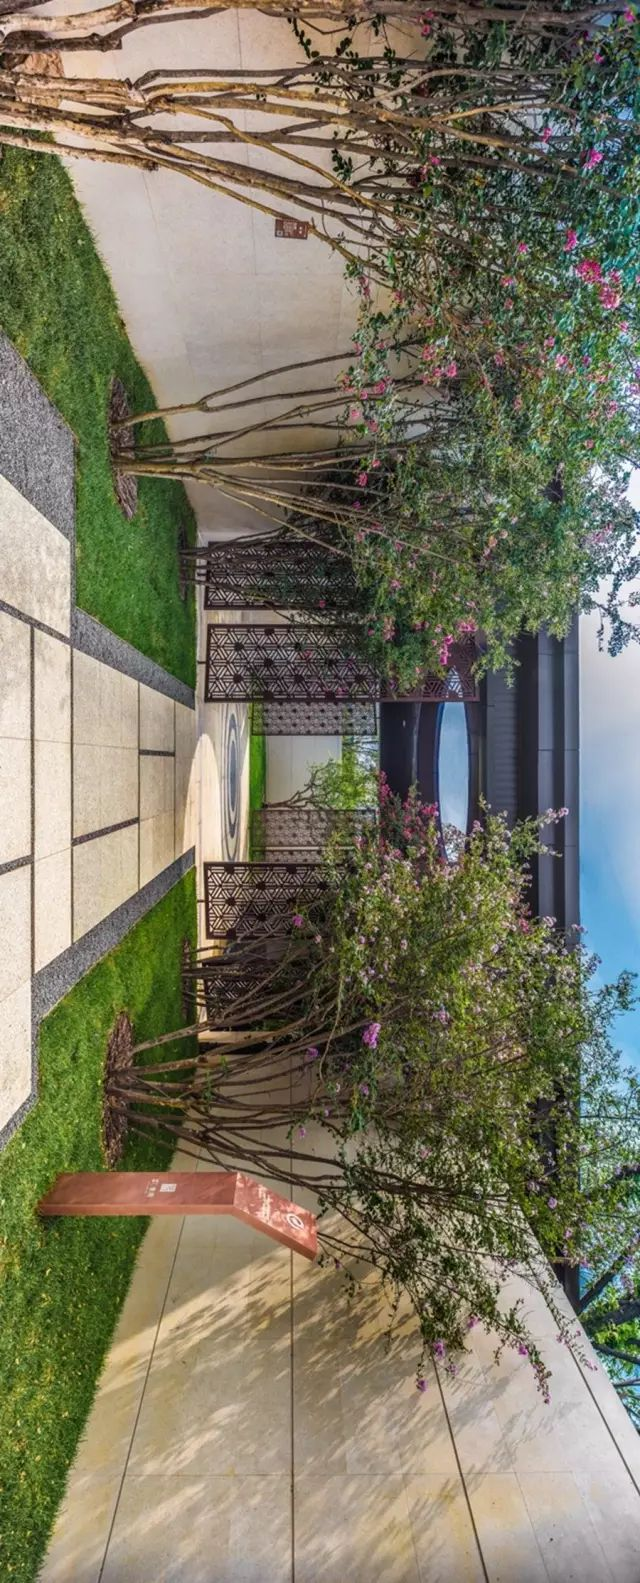 ???????????????? & 43 best trellis / canopy / pavilion images on Pinterest | Lattice ...